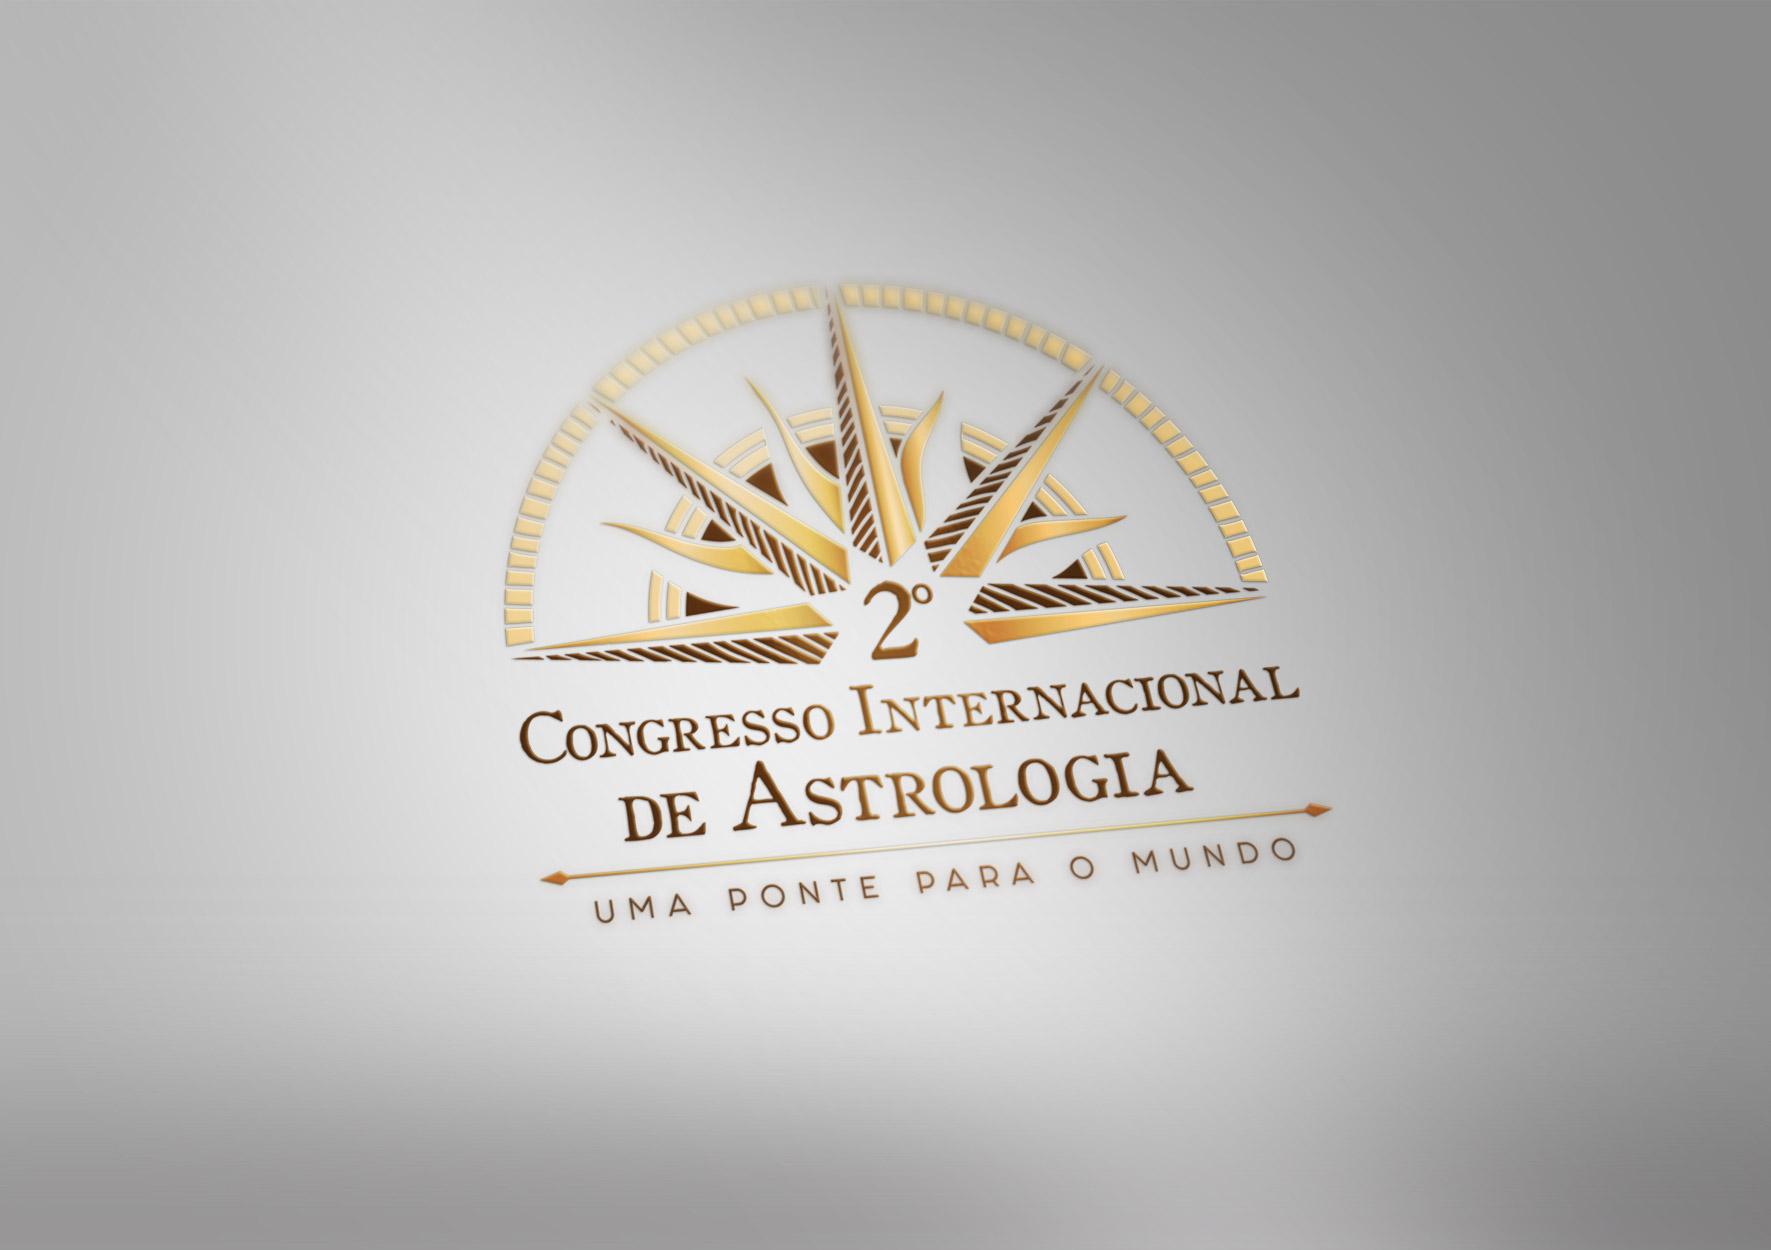 2º Congresso Internacional de Astrologia - portfolio d-sign Ana Cláudia